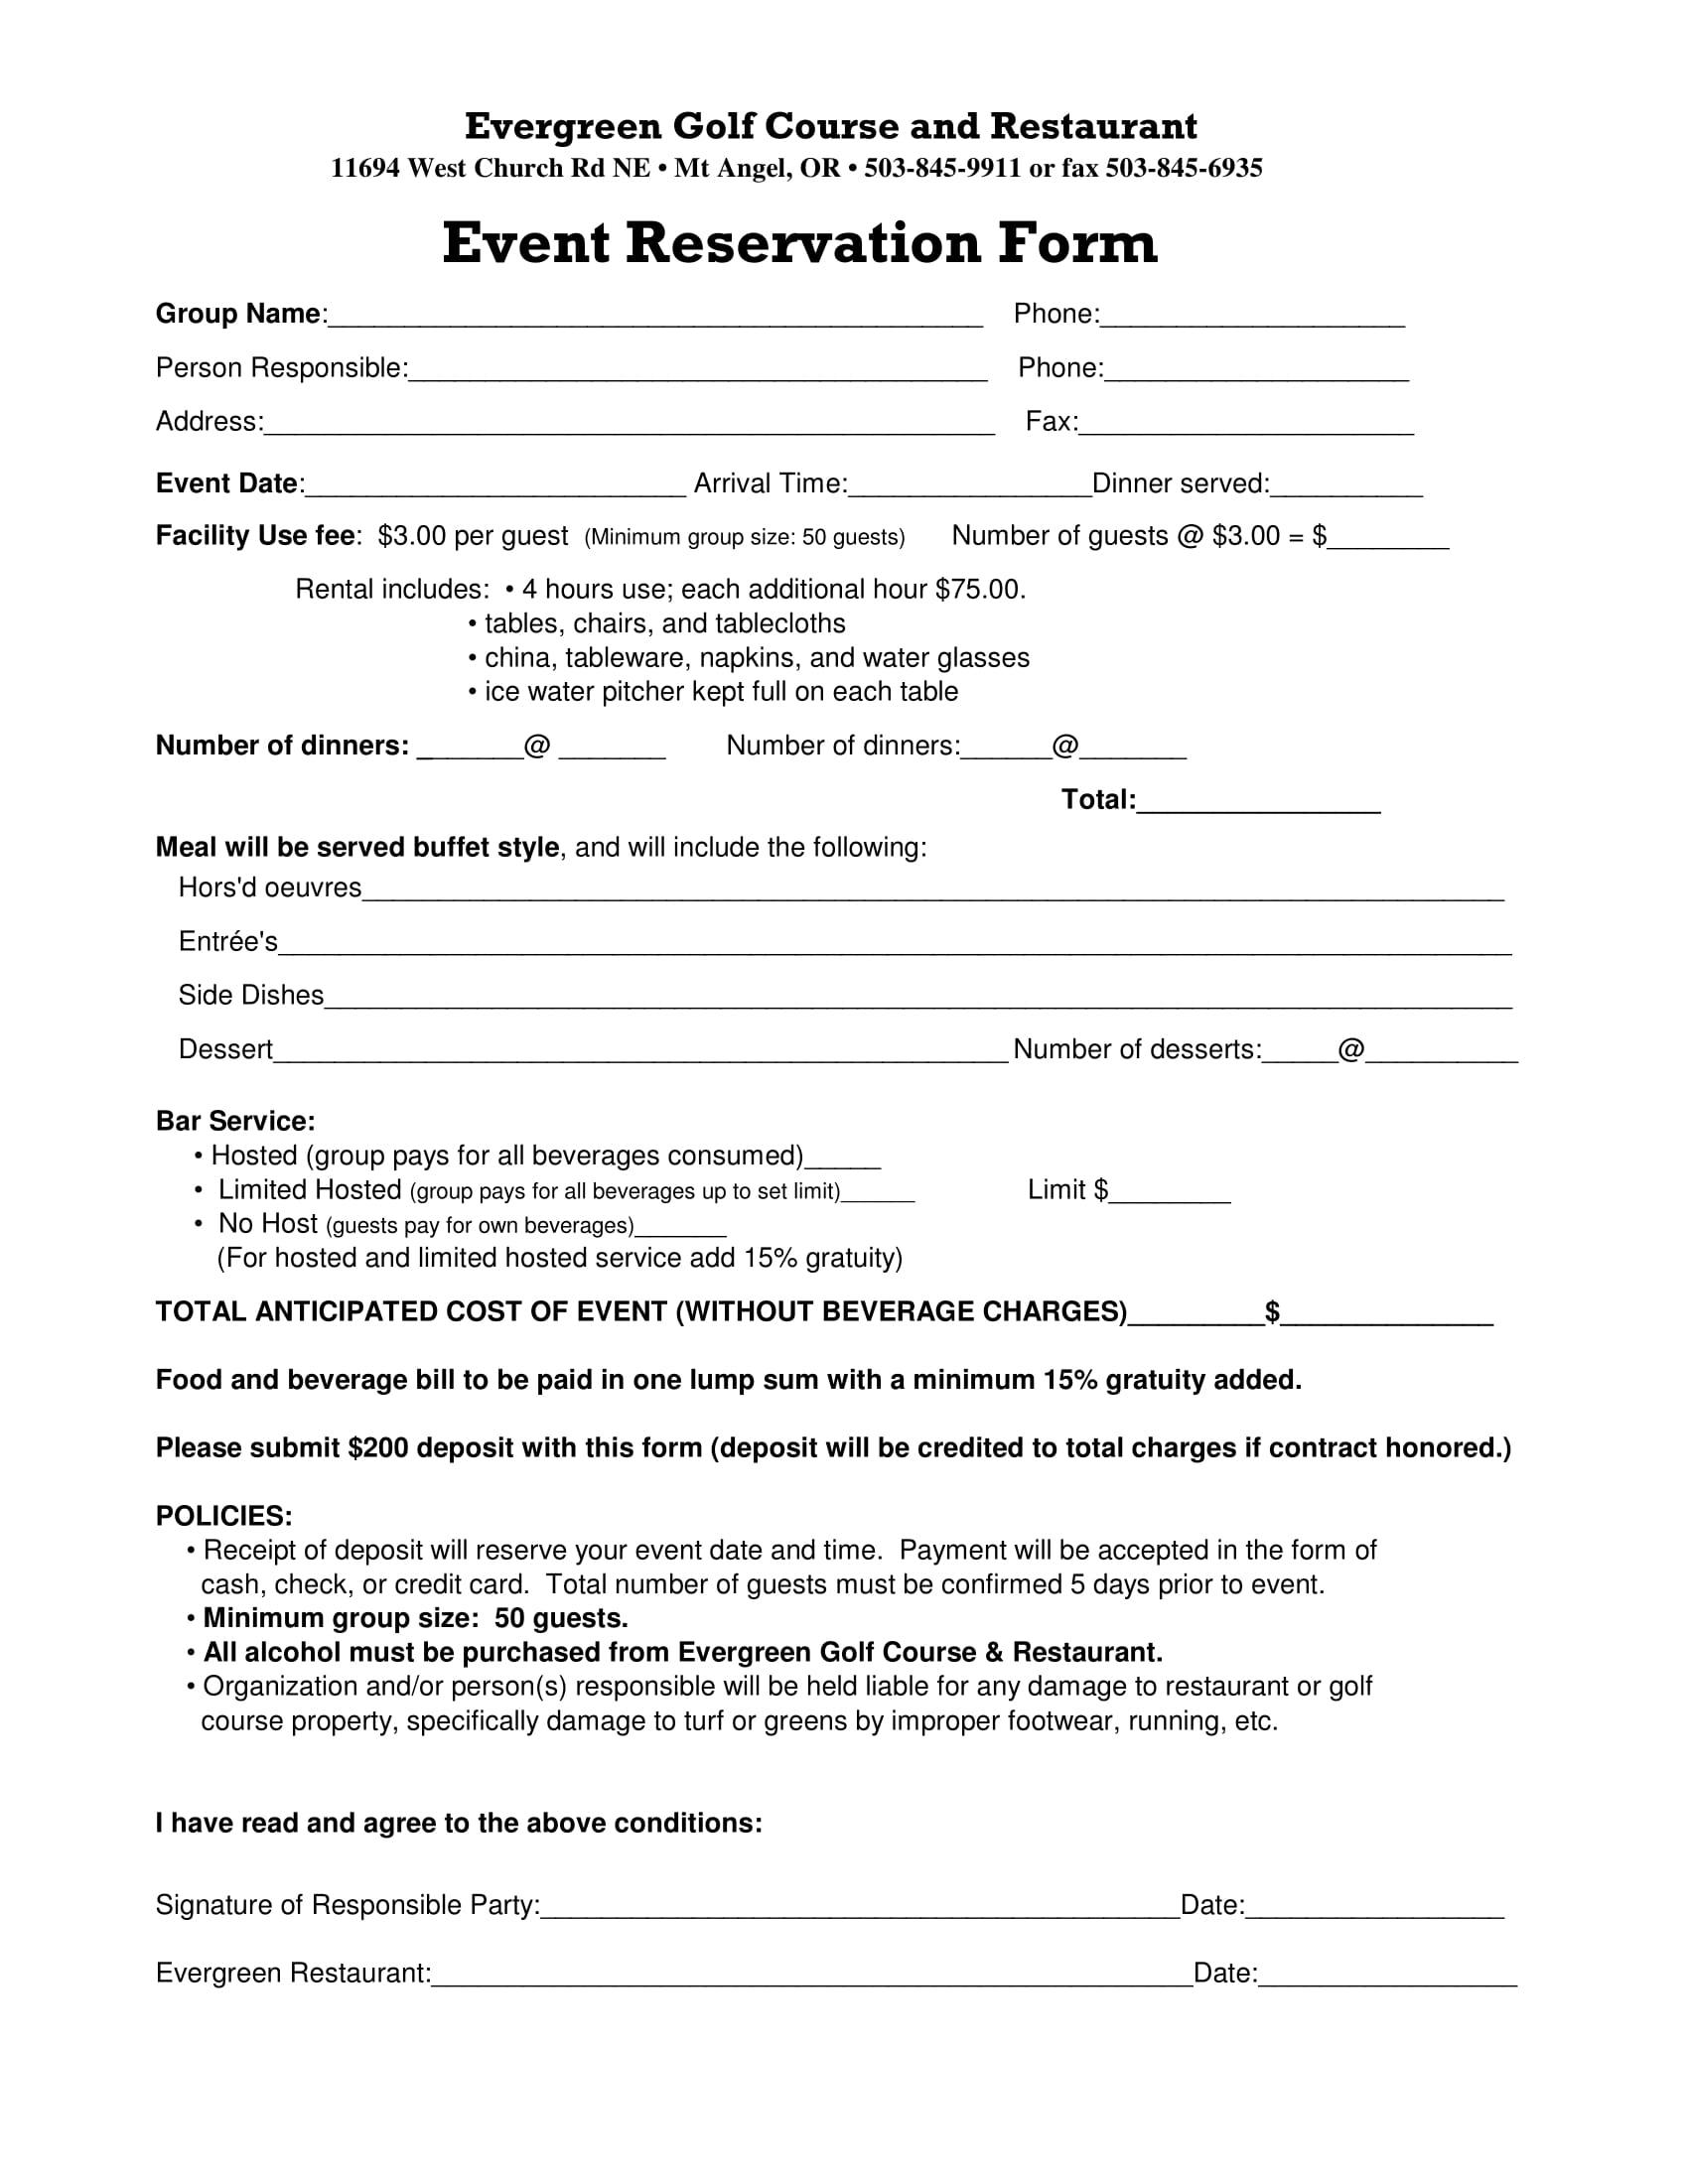 restaurant event reservation form 1